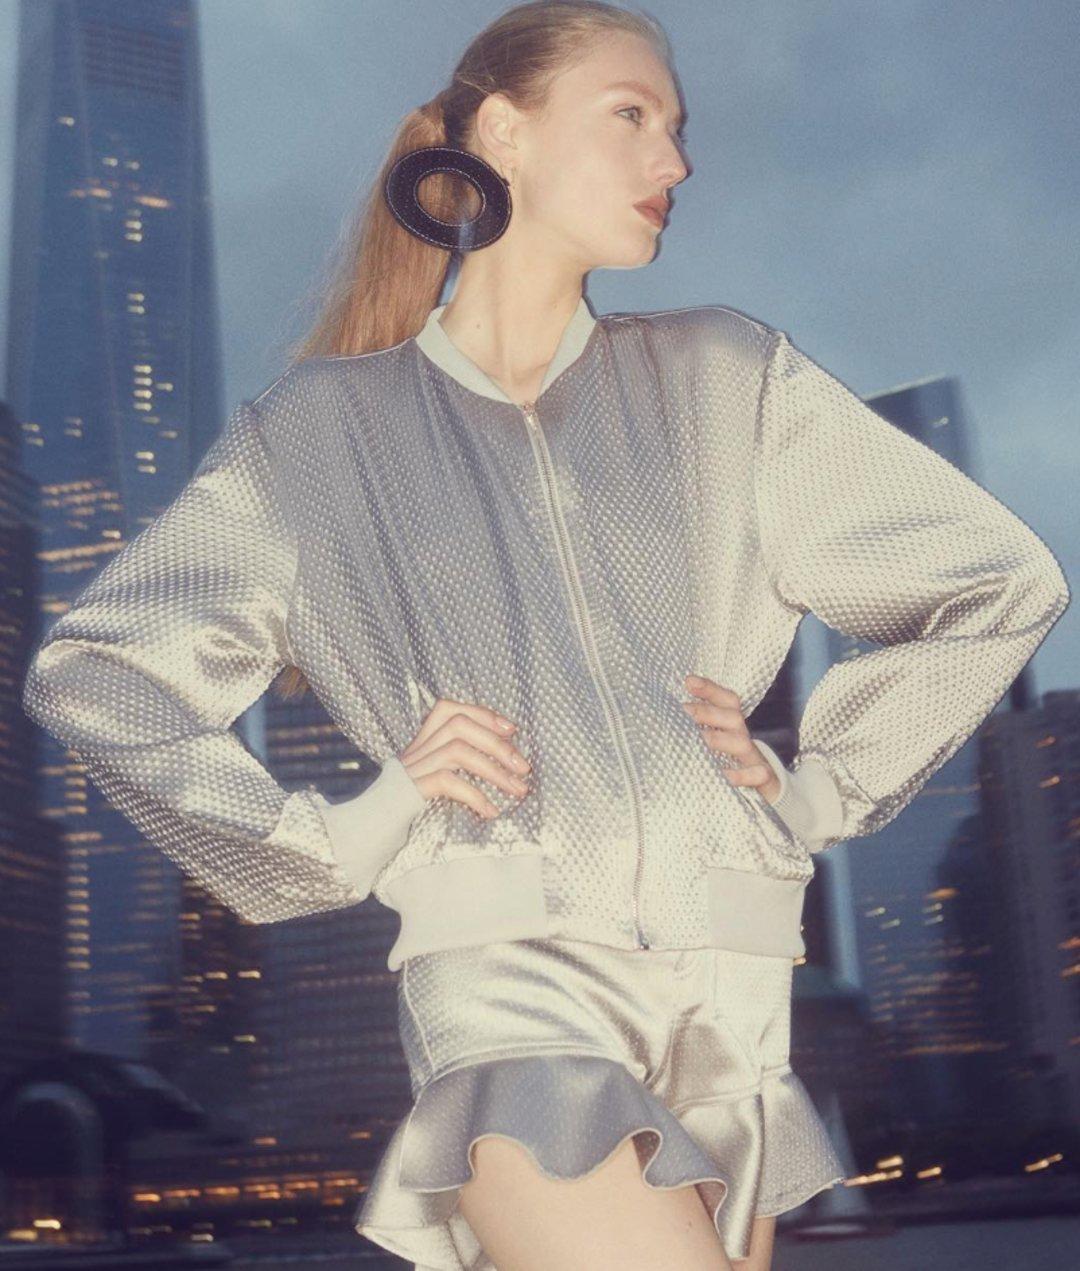 美国时尚界的新星都有谁?来看这 10 组新晋设计师_时尚_好奇心日报